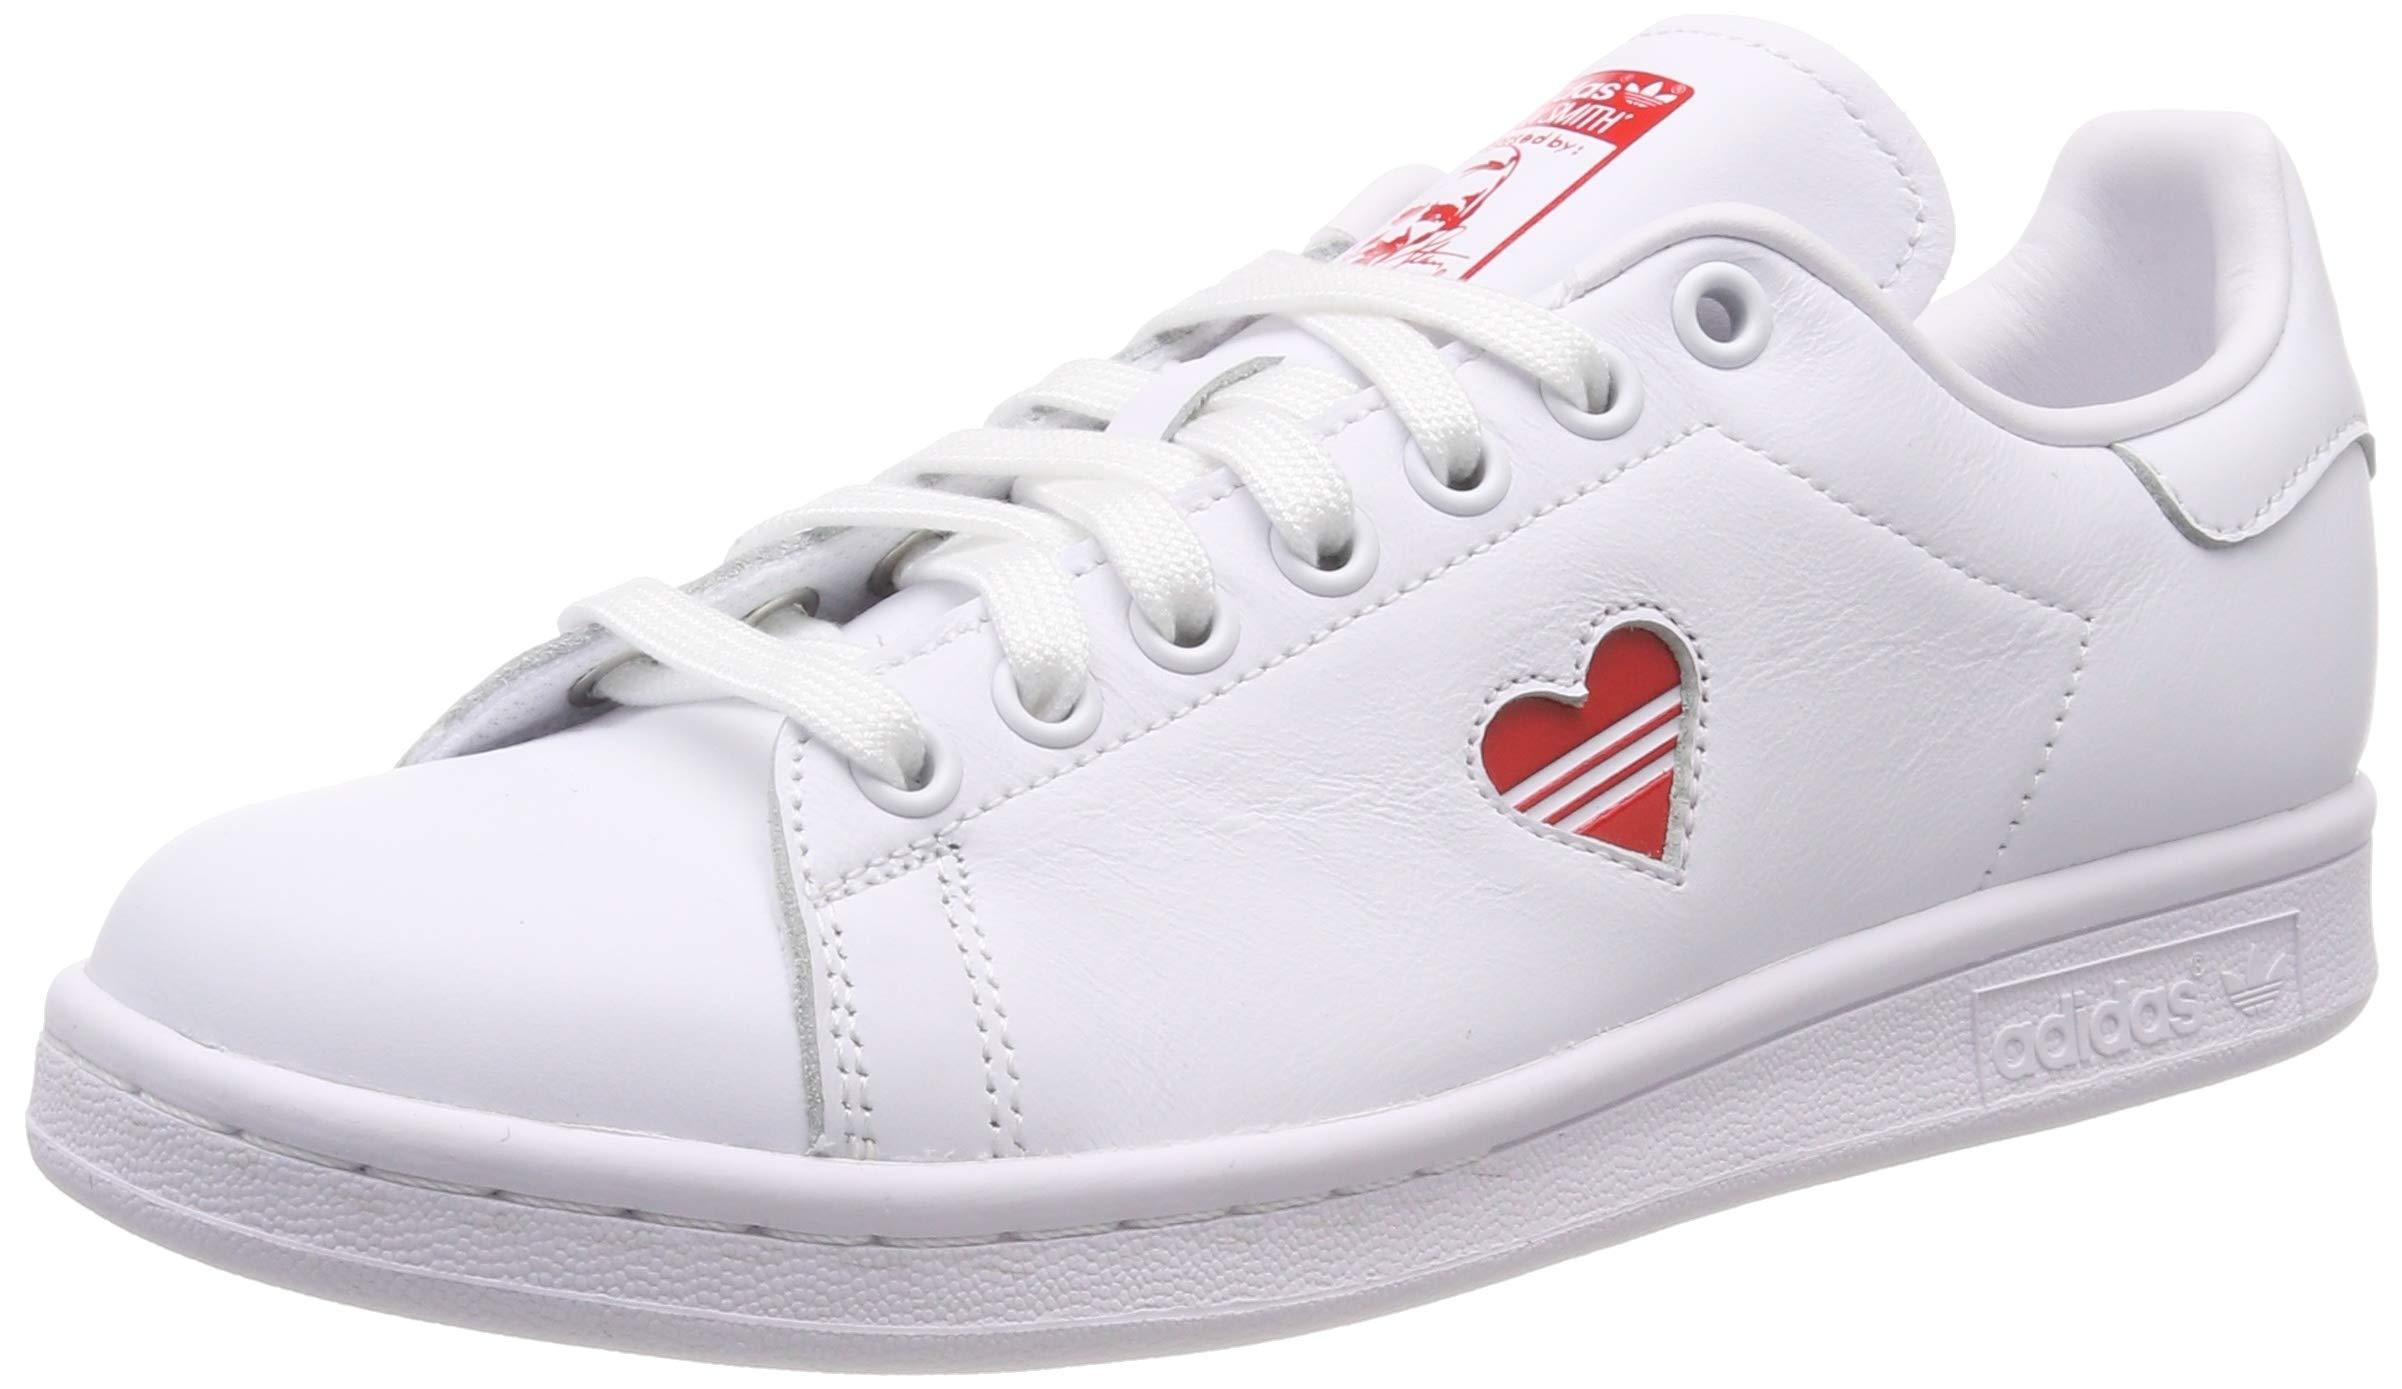 scarpe di ginnastica adidas numero 38